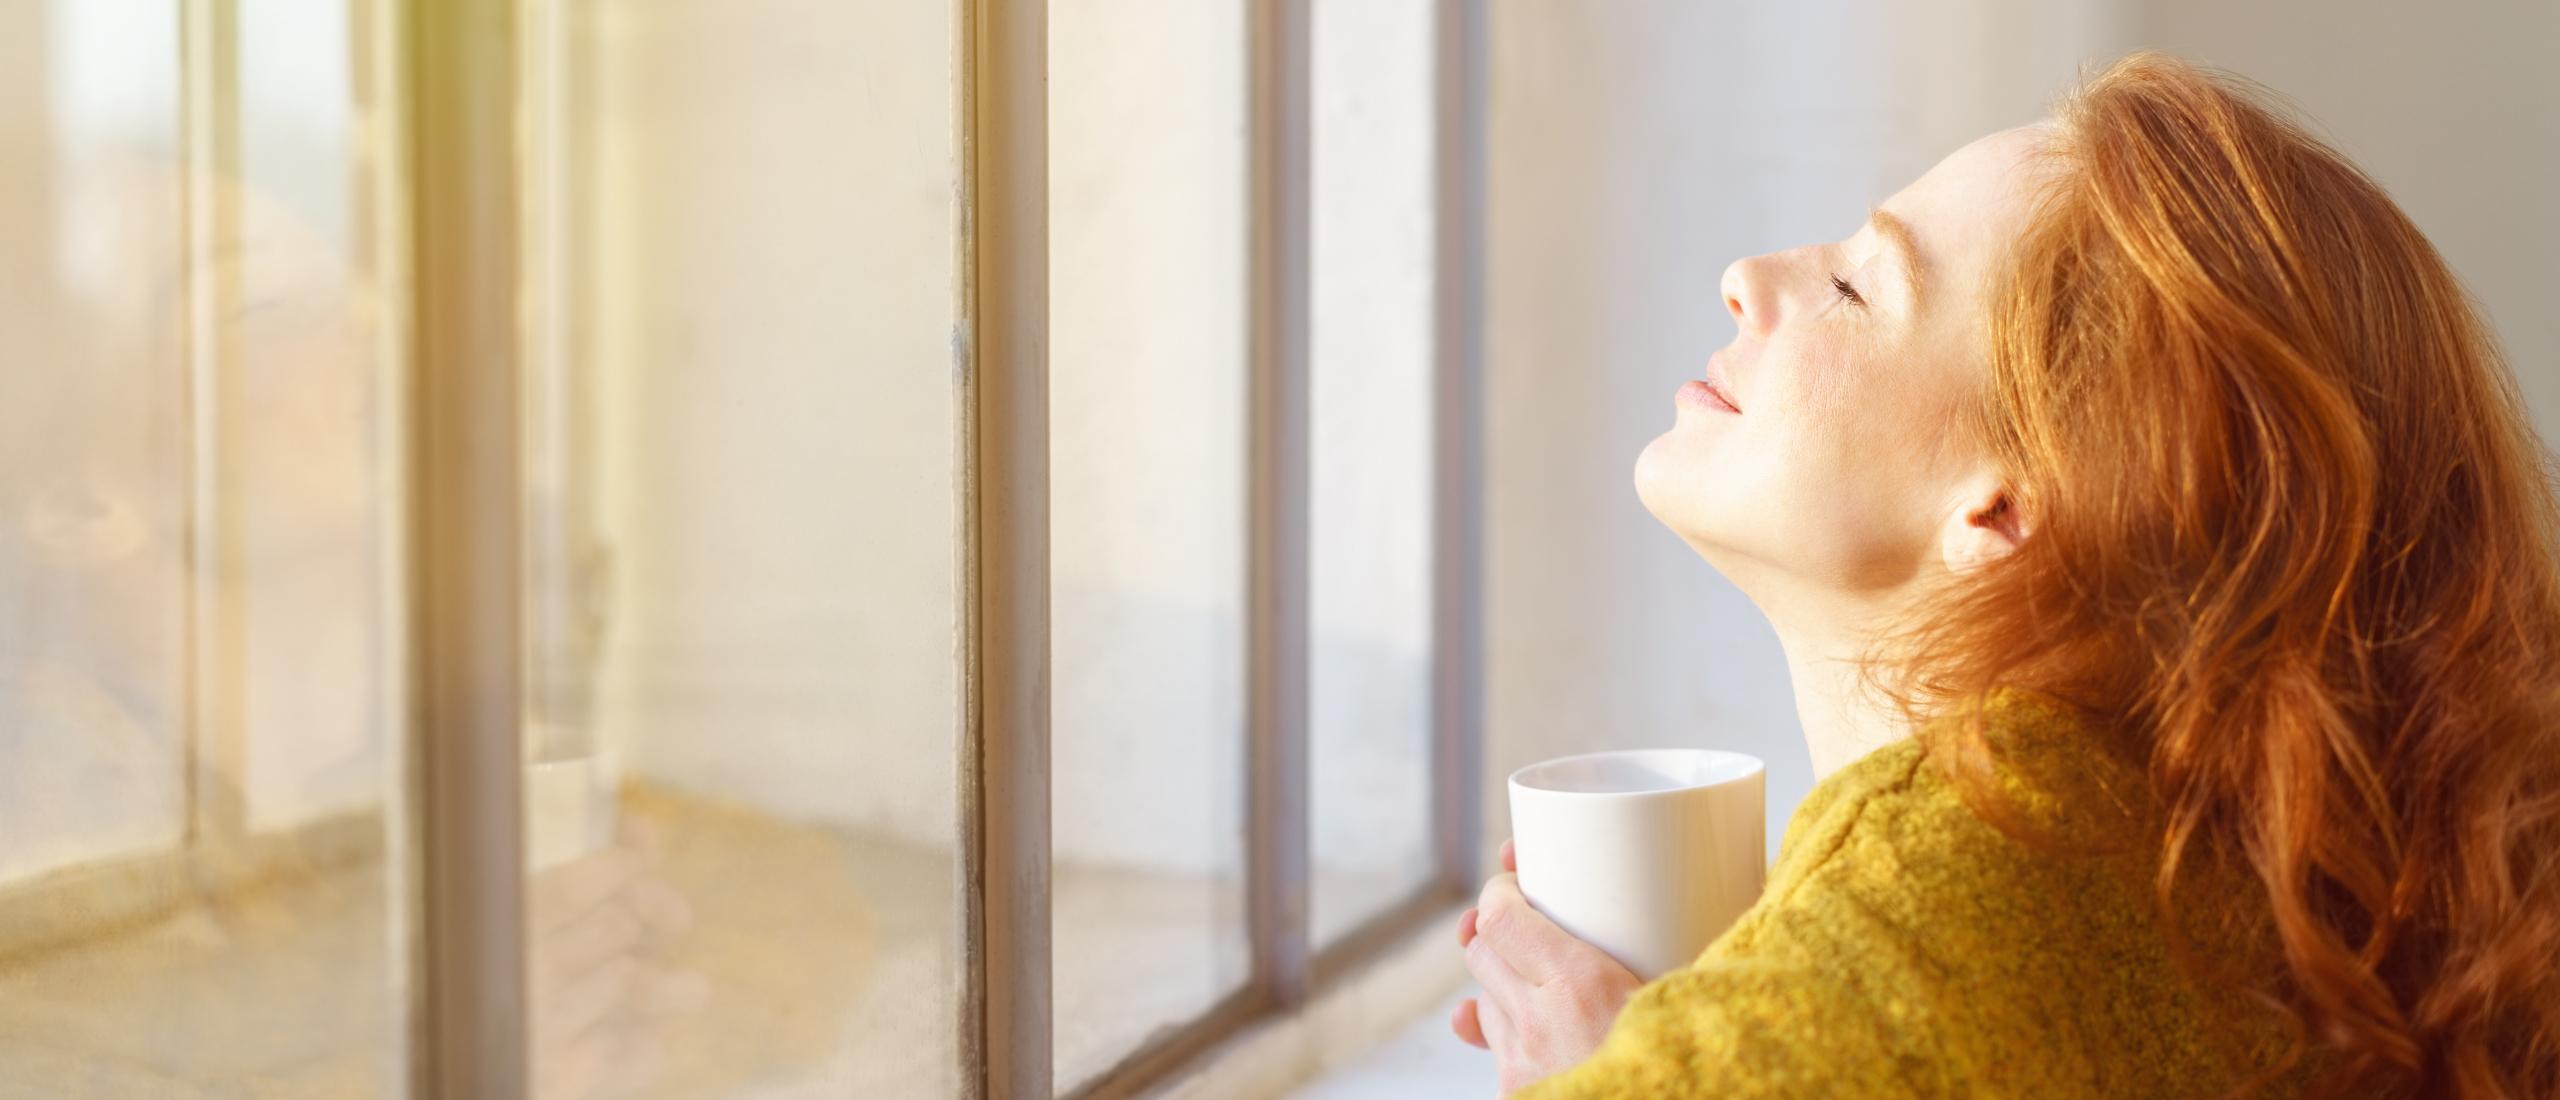 Mijn ervaring na een jaar cafeïnevrije koffie drinken